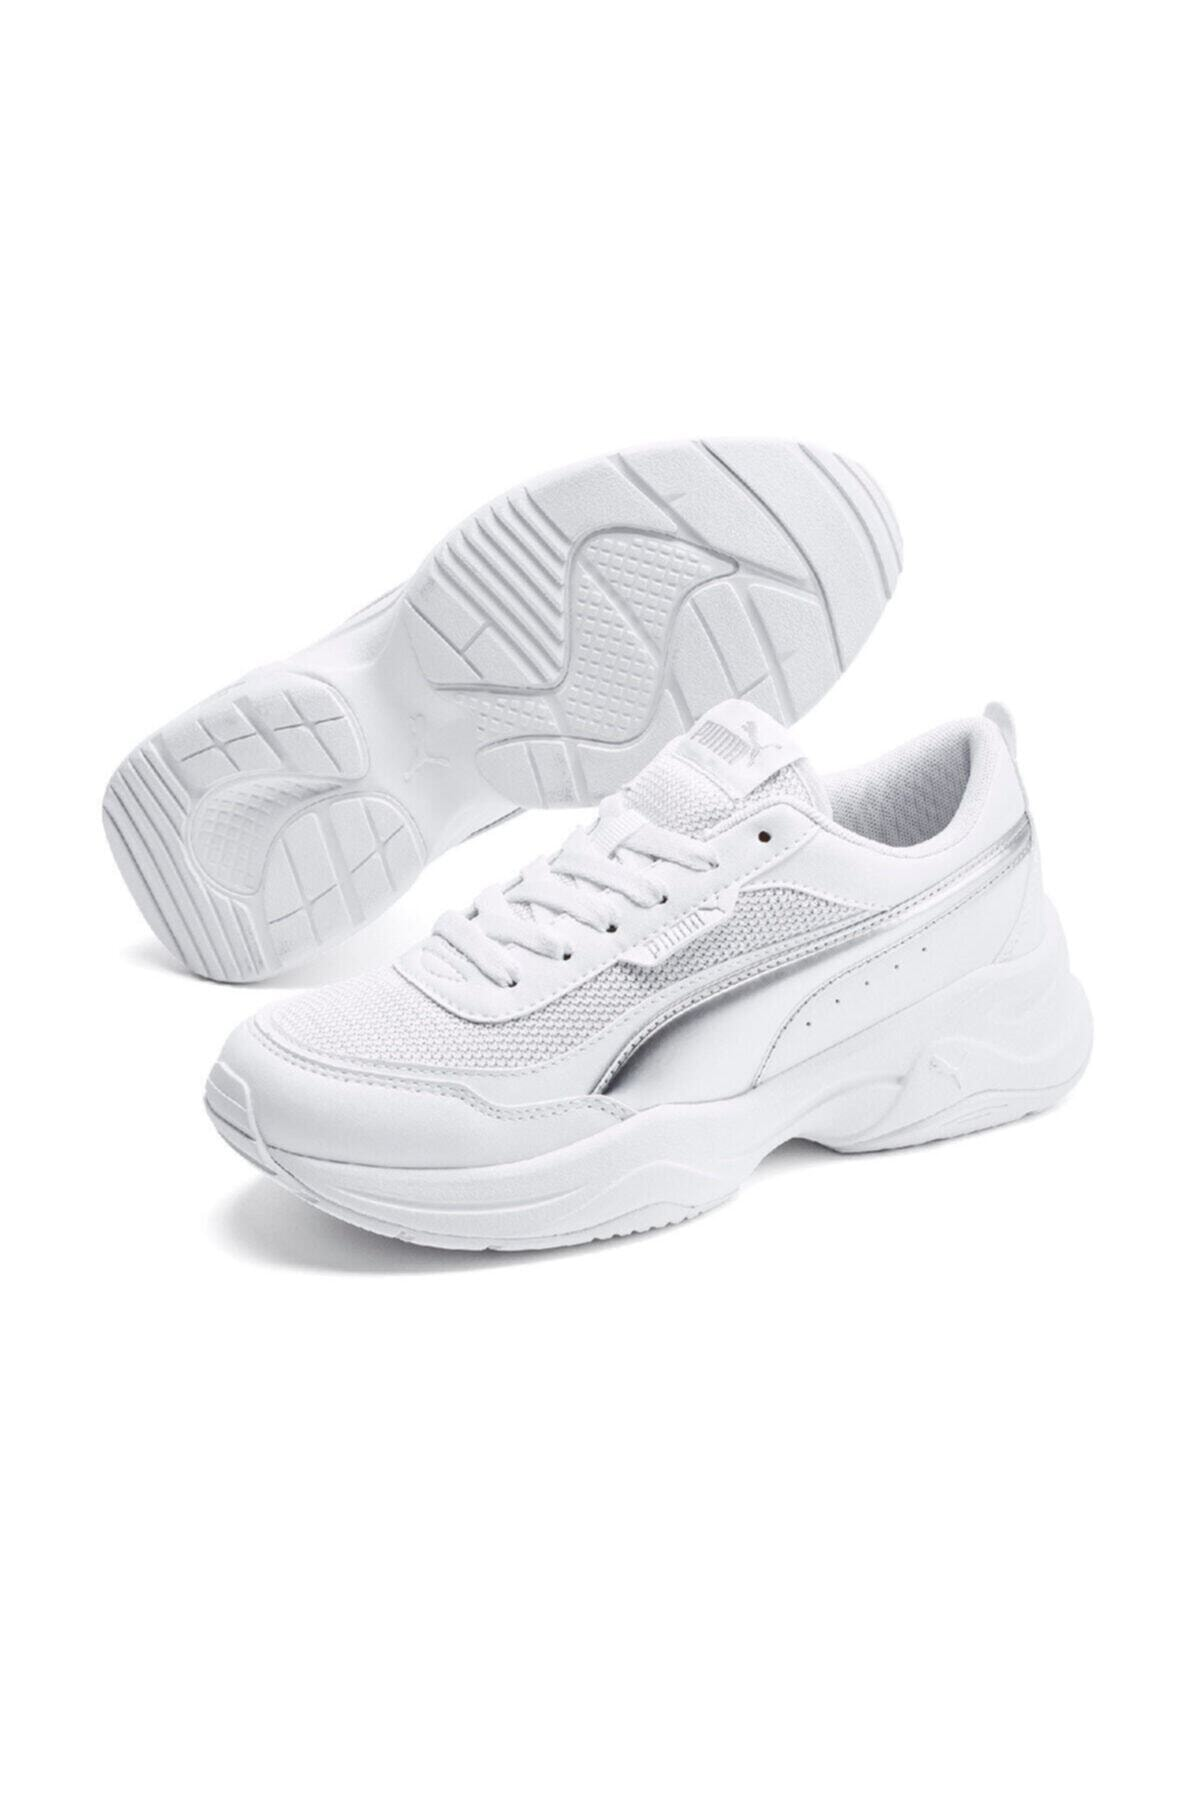 CILIA MODE METALLIC Beyaz Kadın Sneaker Ayakkabı 101085359